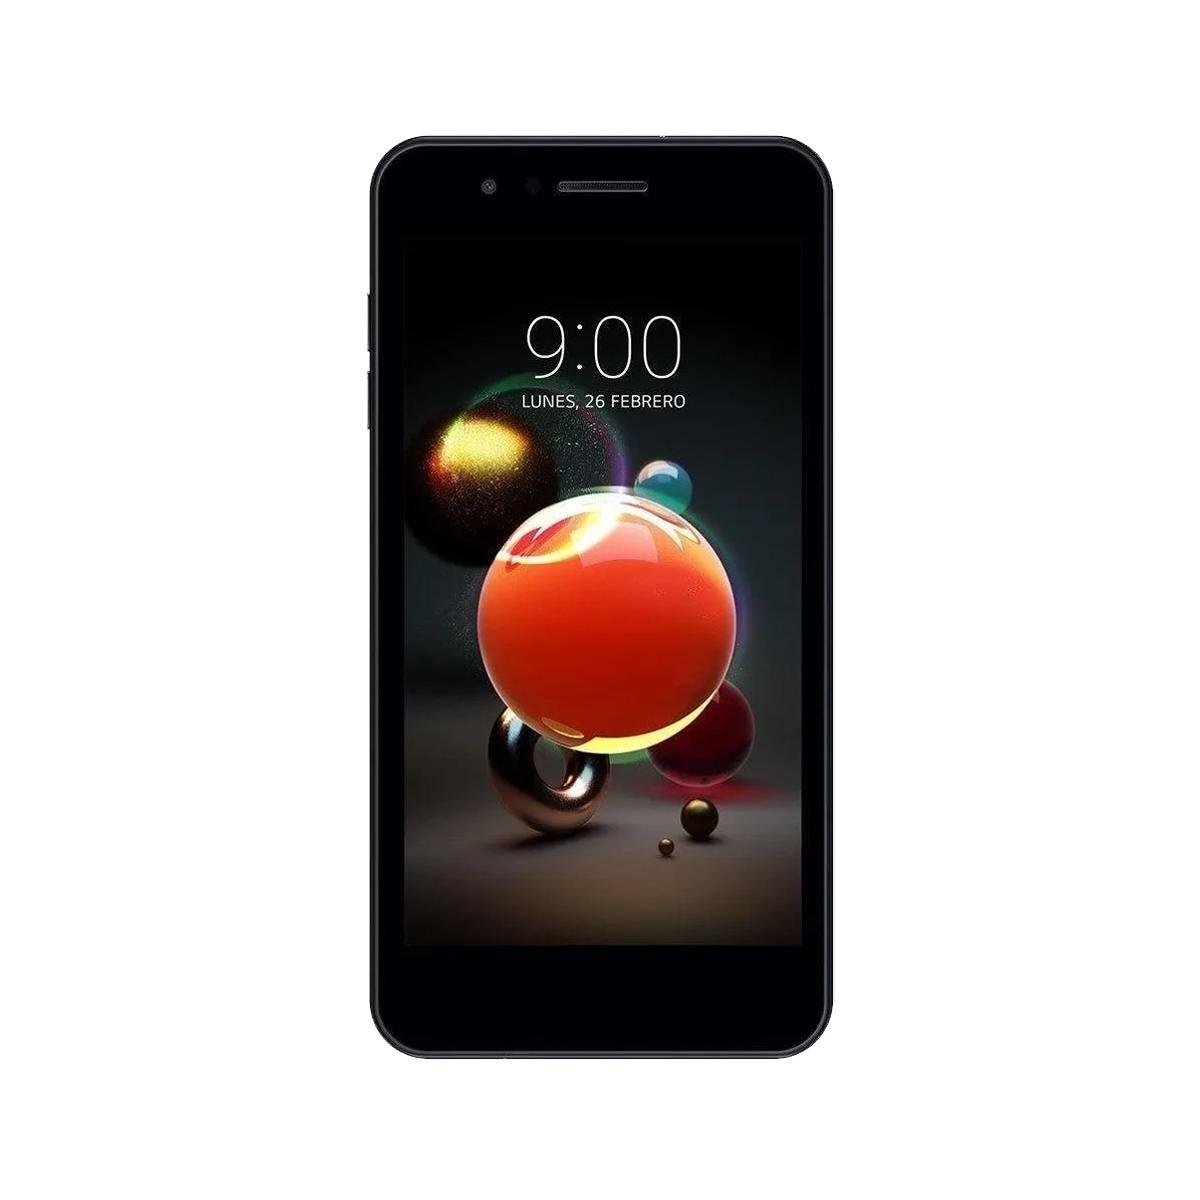 Smartphone Lg K9 TV X210 Tela 5.0' 16GB 4g 8mp - Seminovo